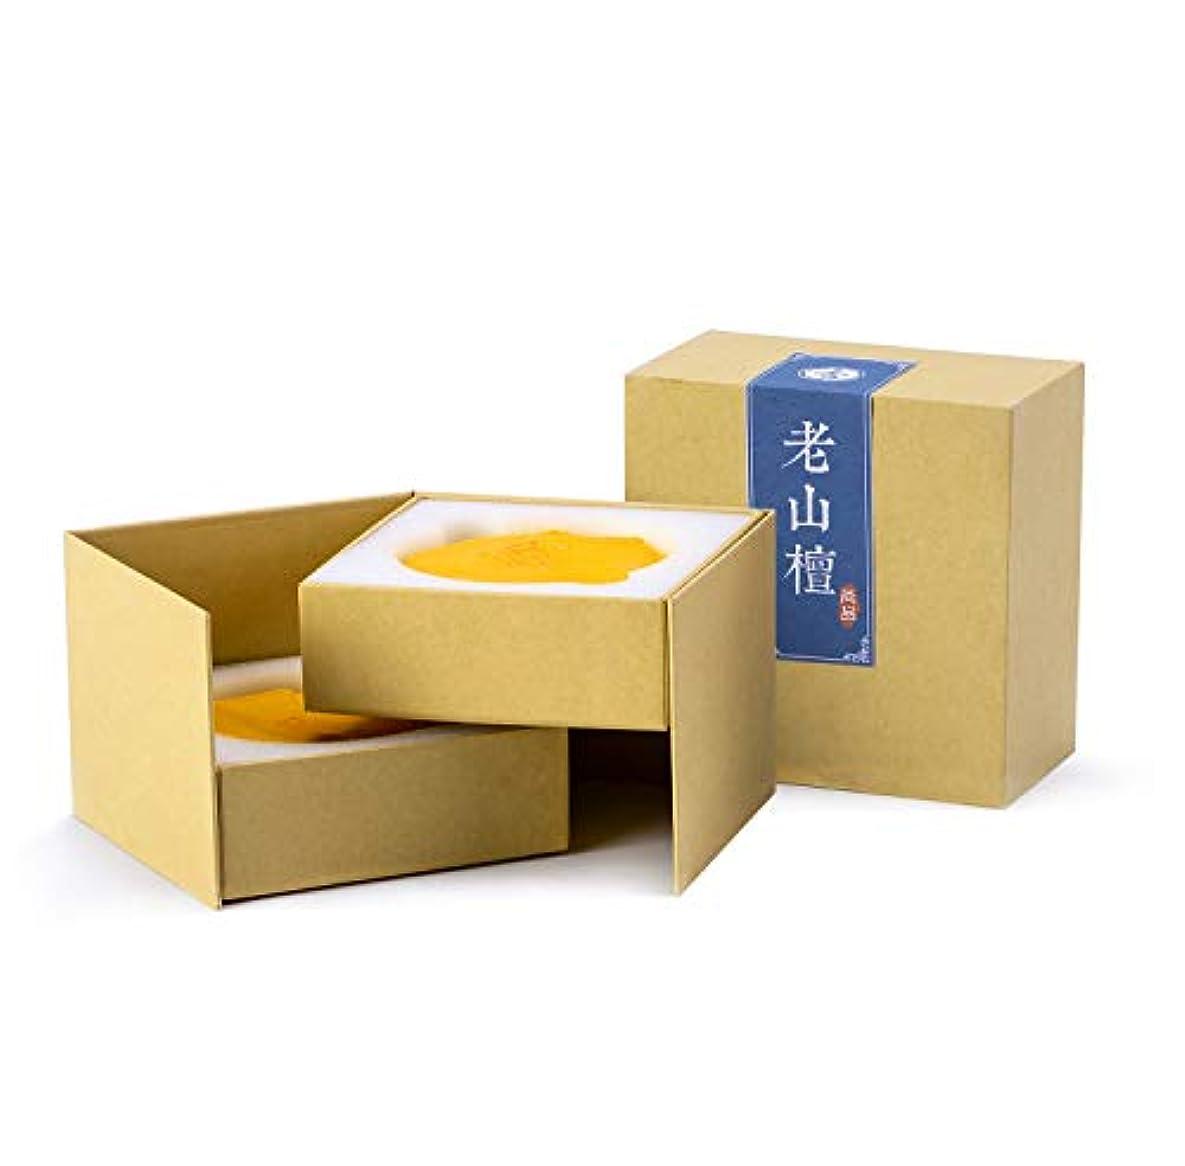 ジュラシックパークバーマド紀元前Hwagui お香 上級 渦巻き線香 白檀 瀋香 ヨモギ 優しい香り 2時間 40巻入